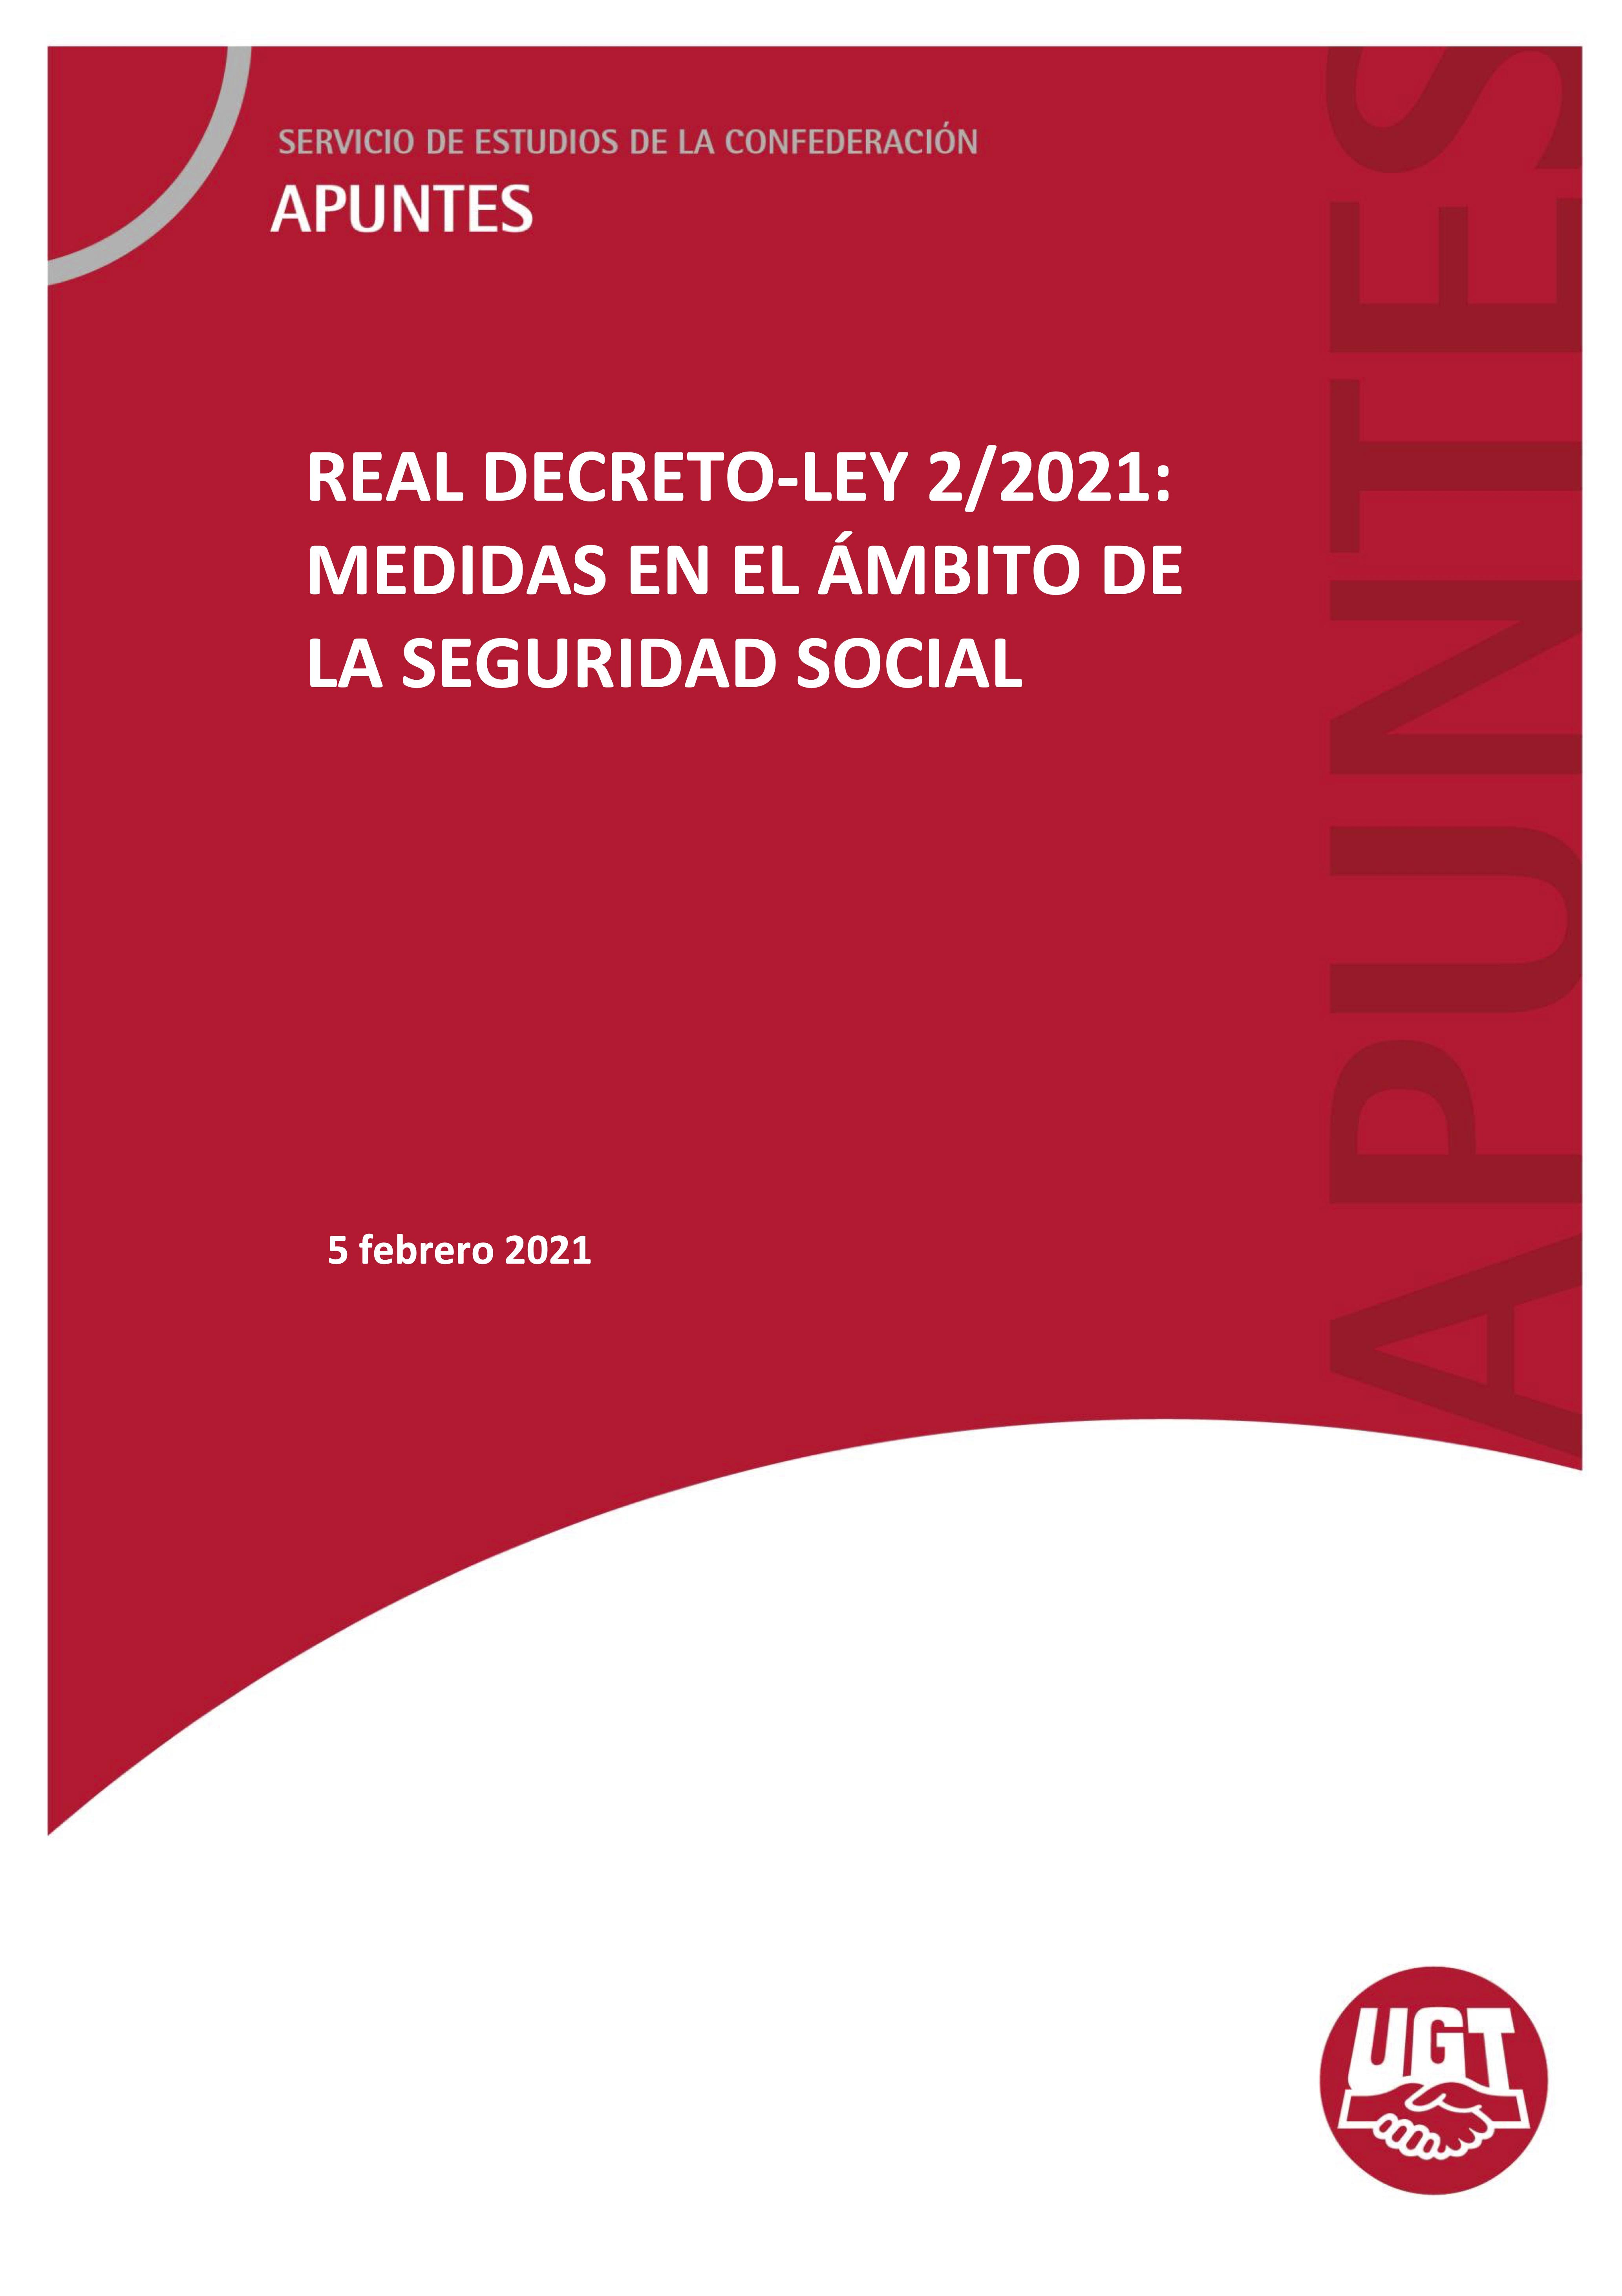 REAL DECRETO-LEY 2/2021- MEDIDAS EN EL ÁMBITO DE LA SEGURIDAD SOCIAL